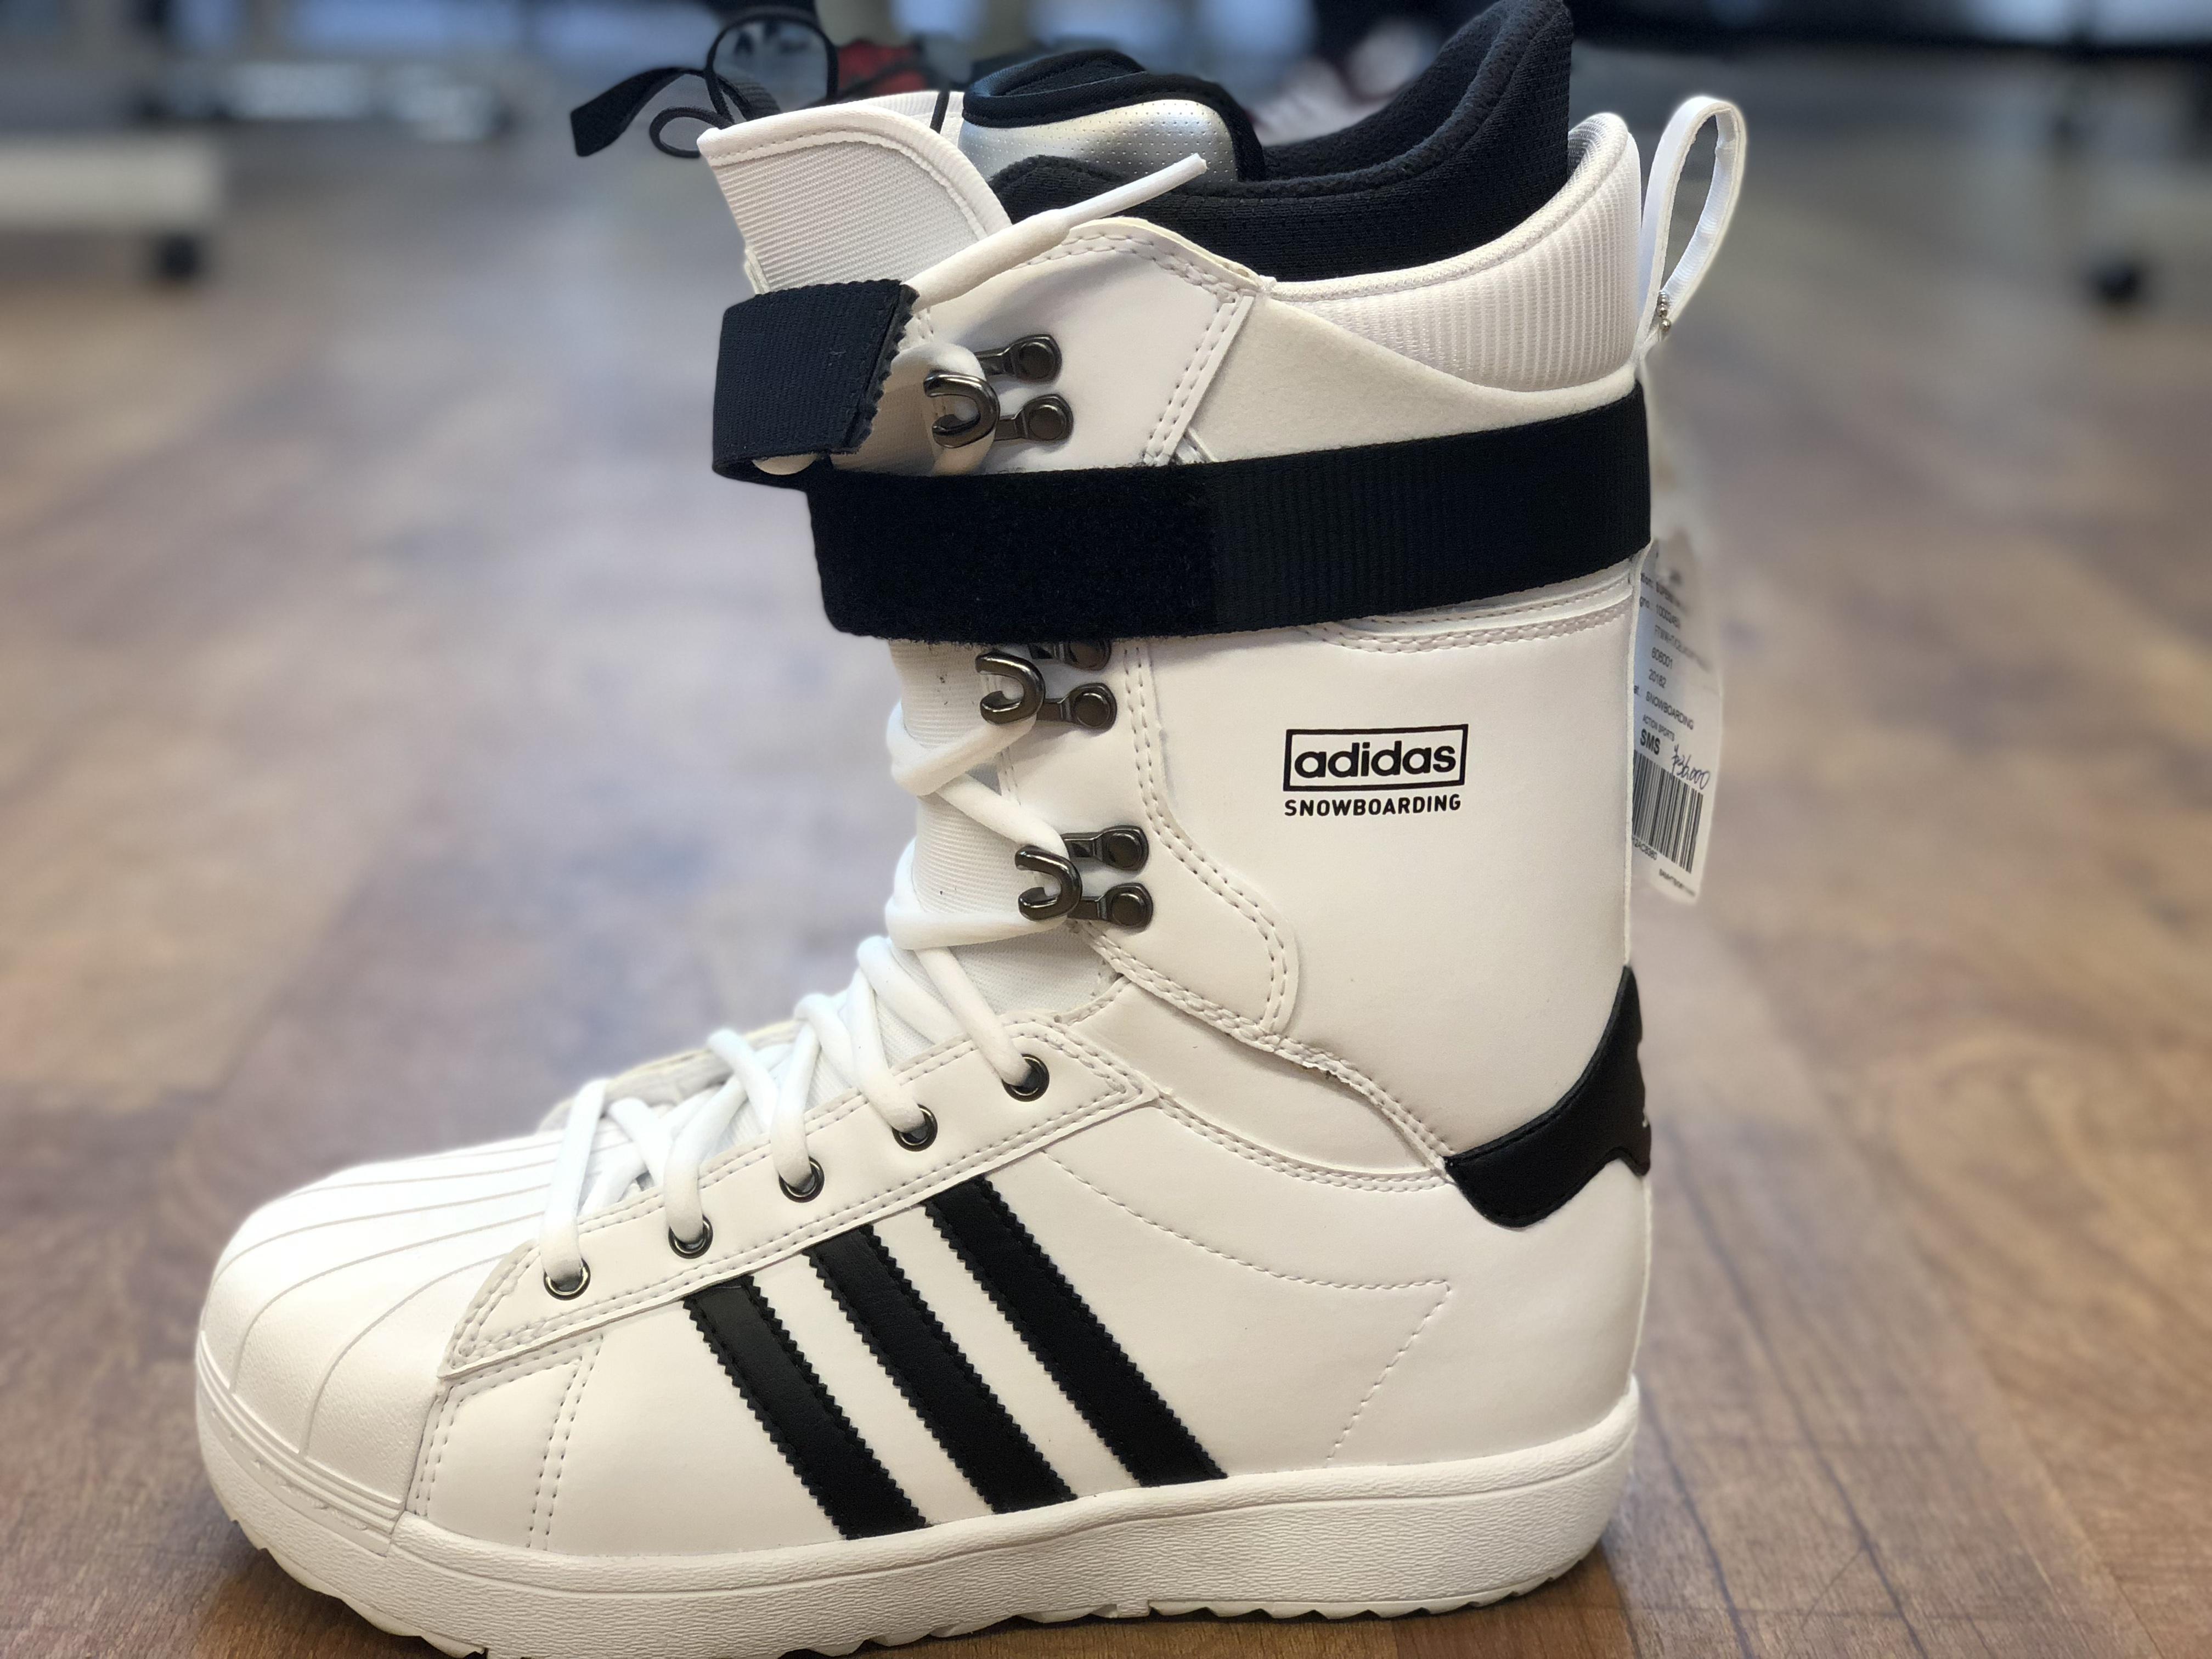 お待たせしました!!! adidas snowboard ウエアー 10月1日解禁します!